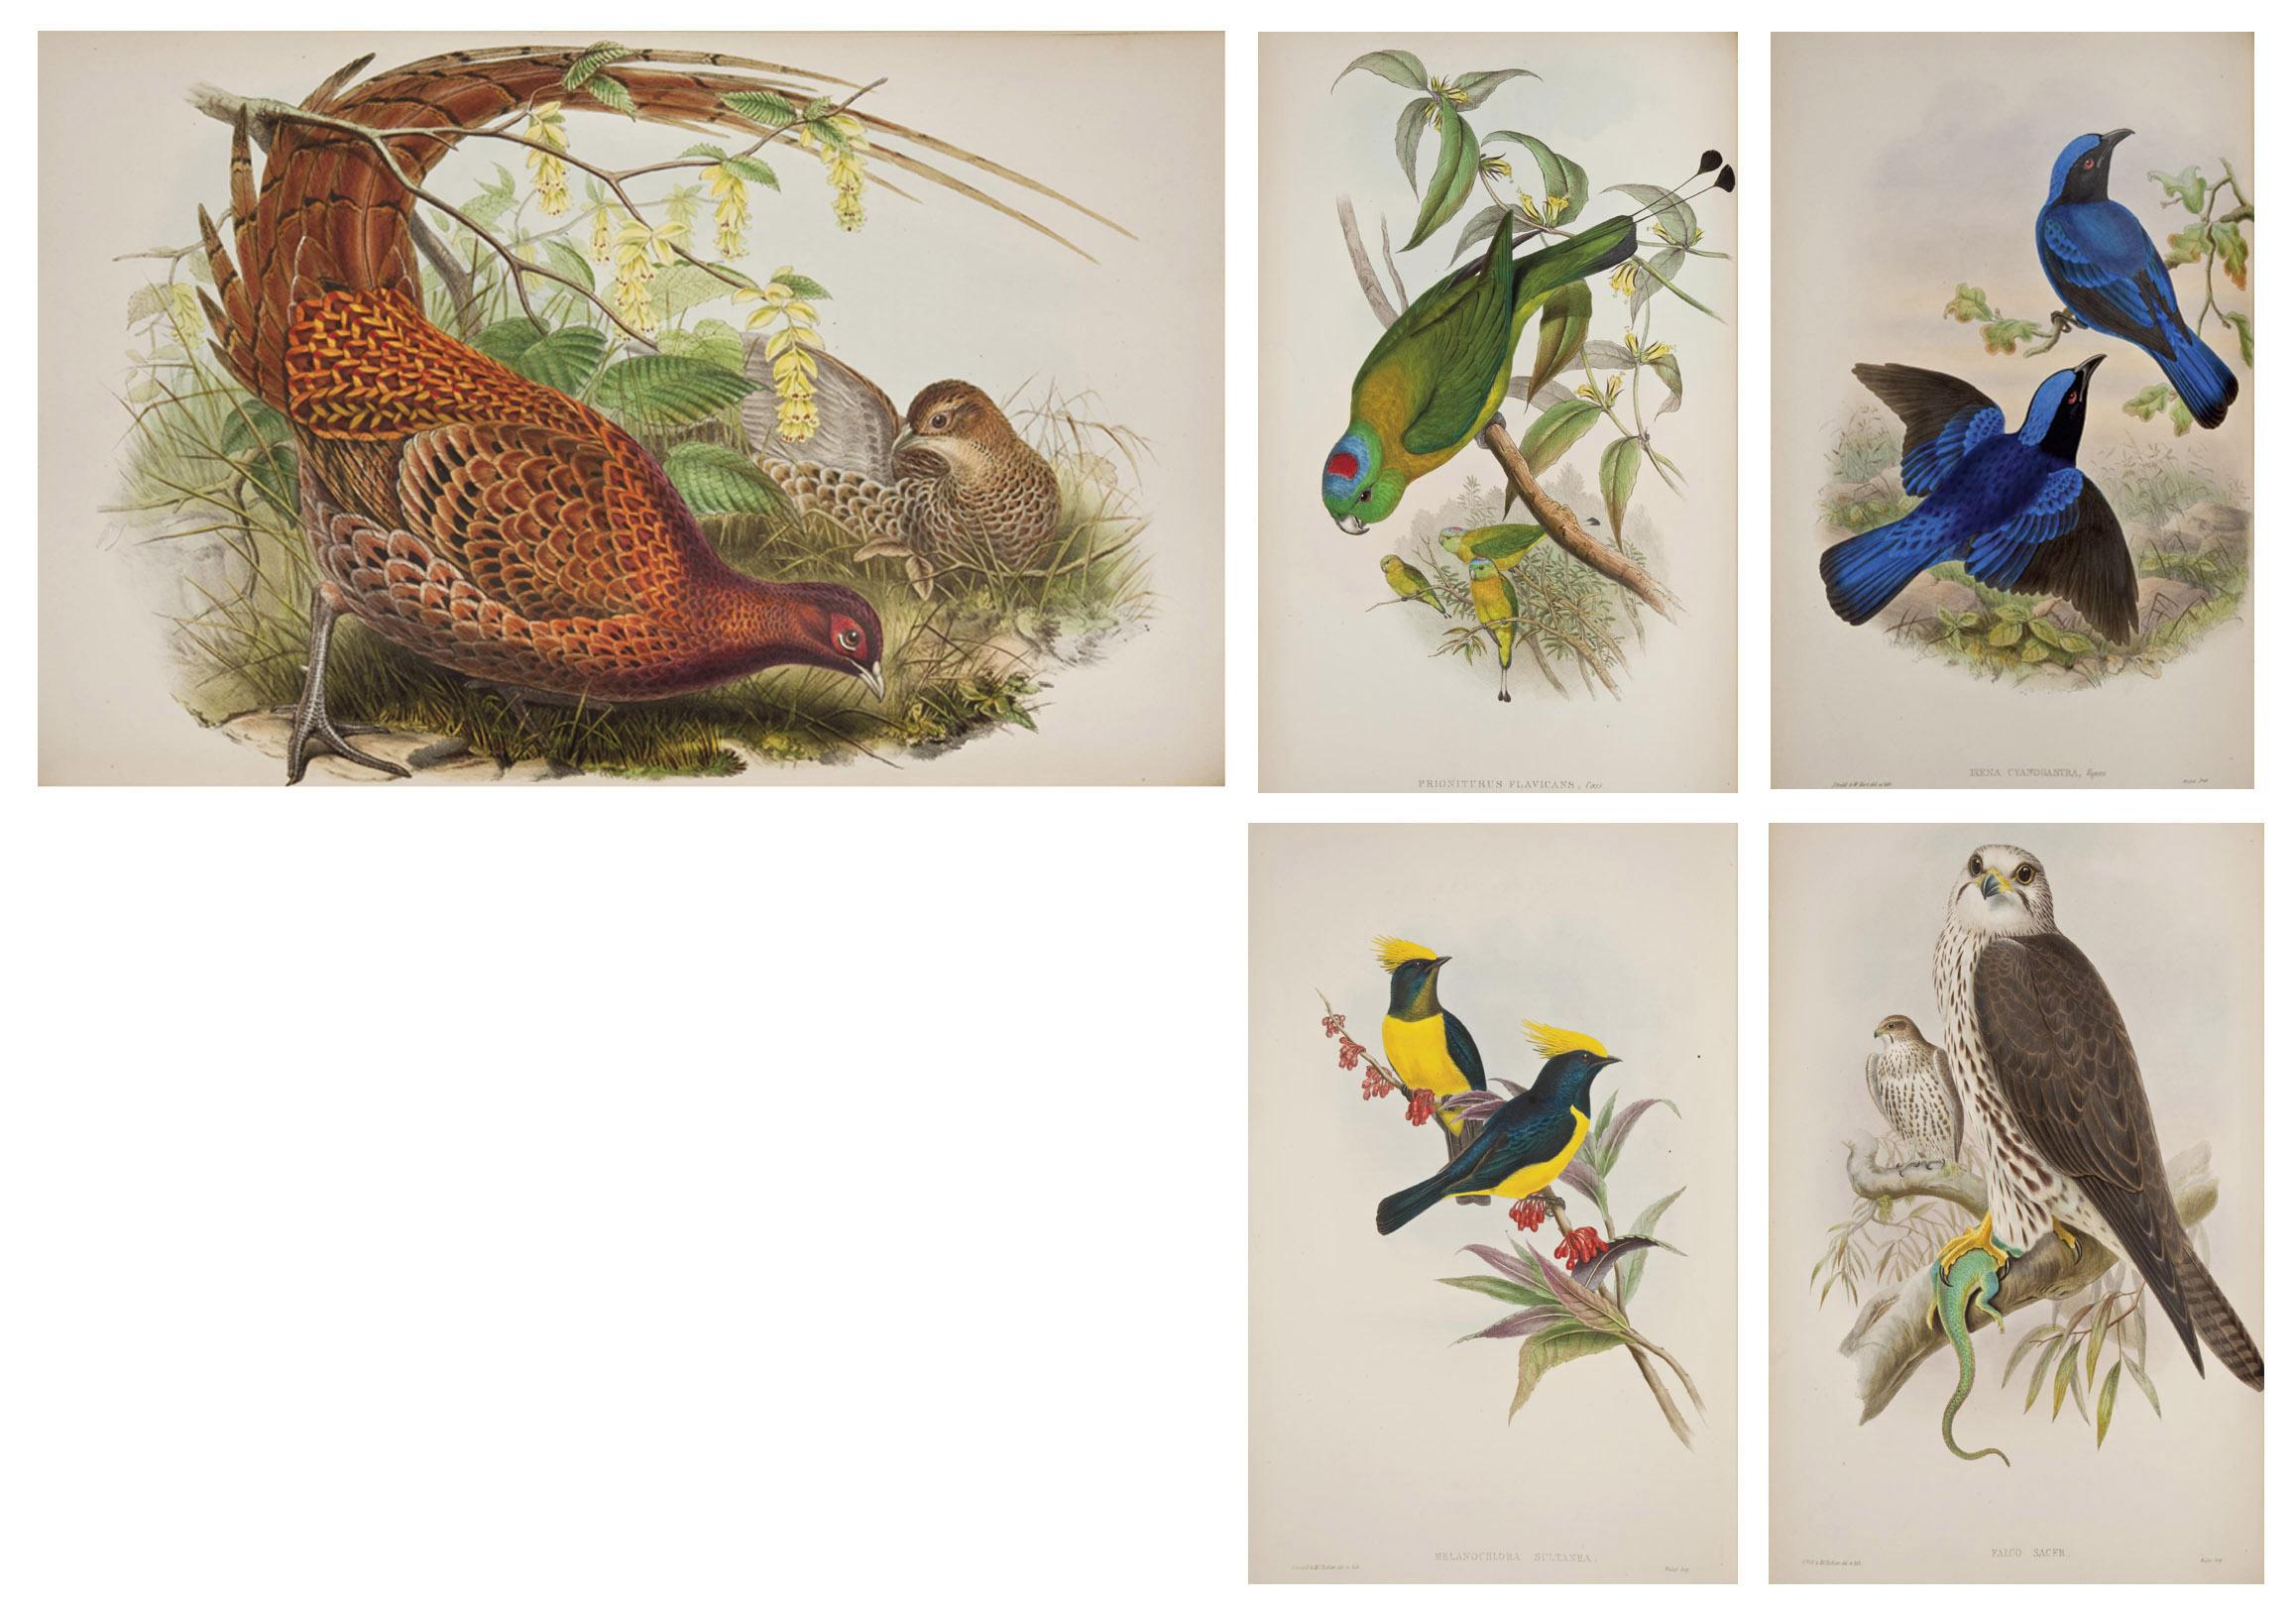 GOULD, John (1804-1881). The Birds of Asia. Londres: imprimé par Taylor et Francis, 1850-1883.